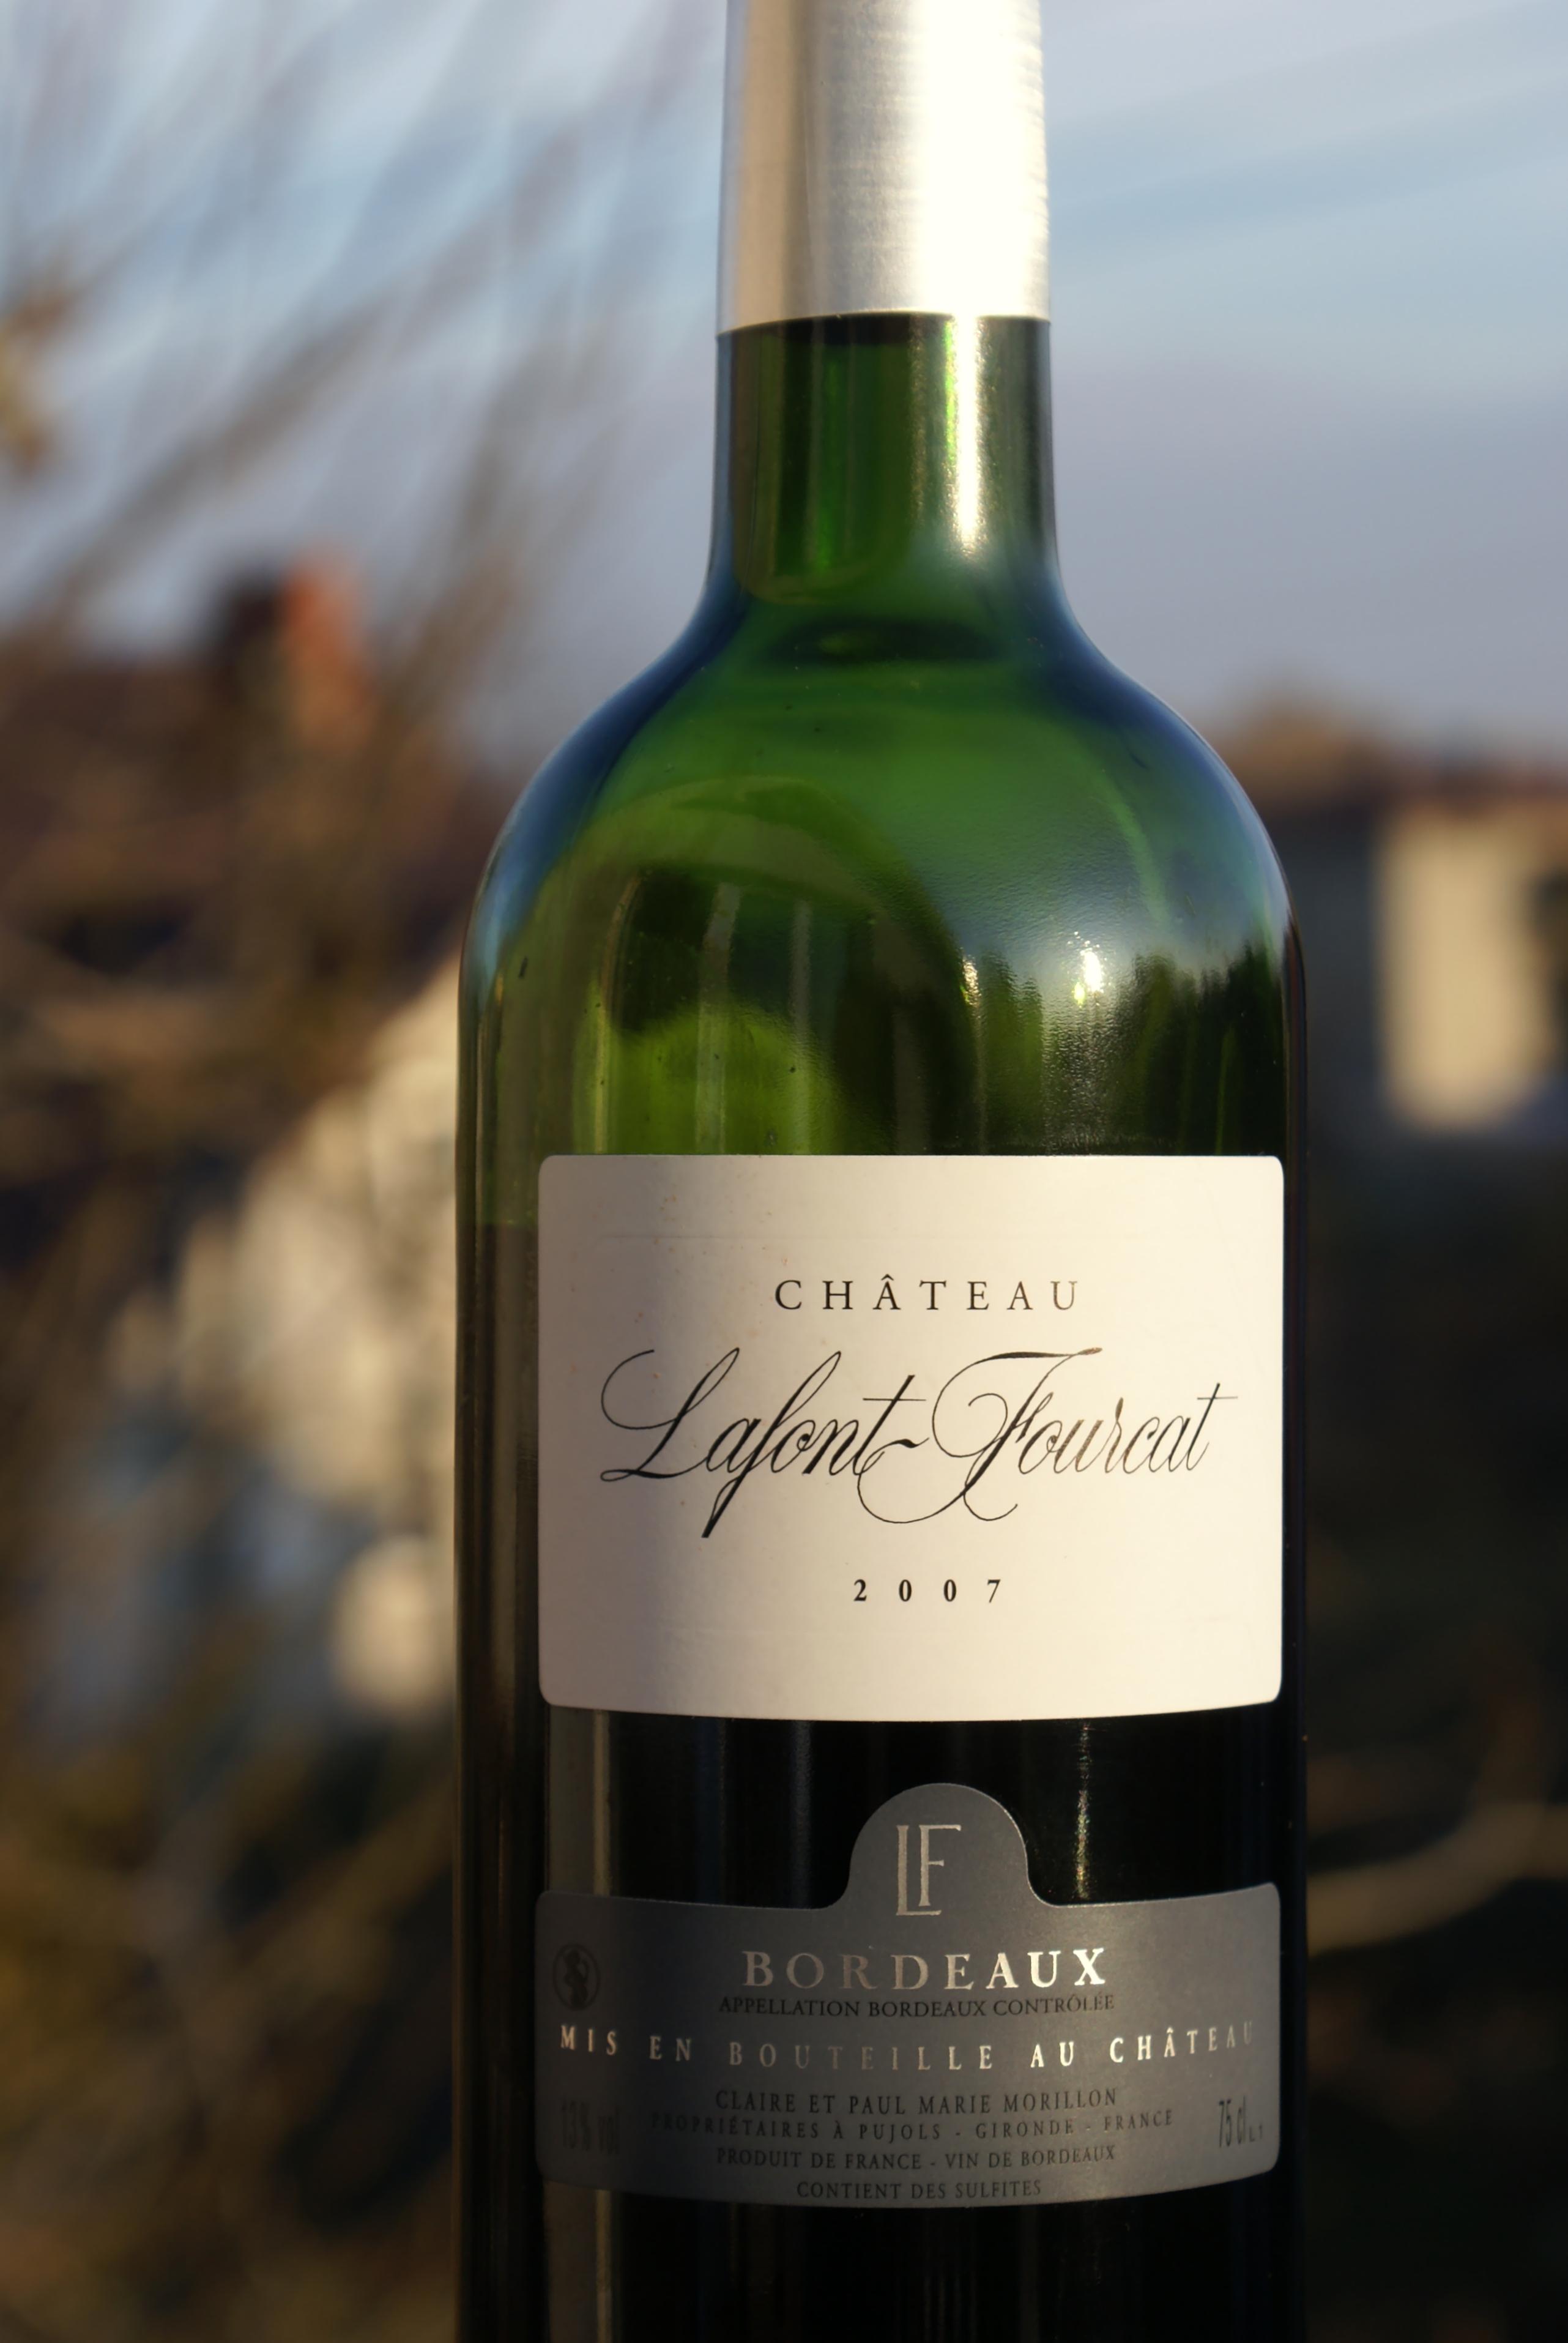 Ch Lafont-Fourcat 2007 (1)